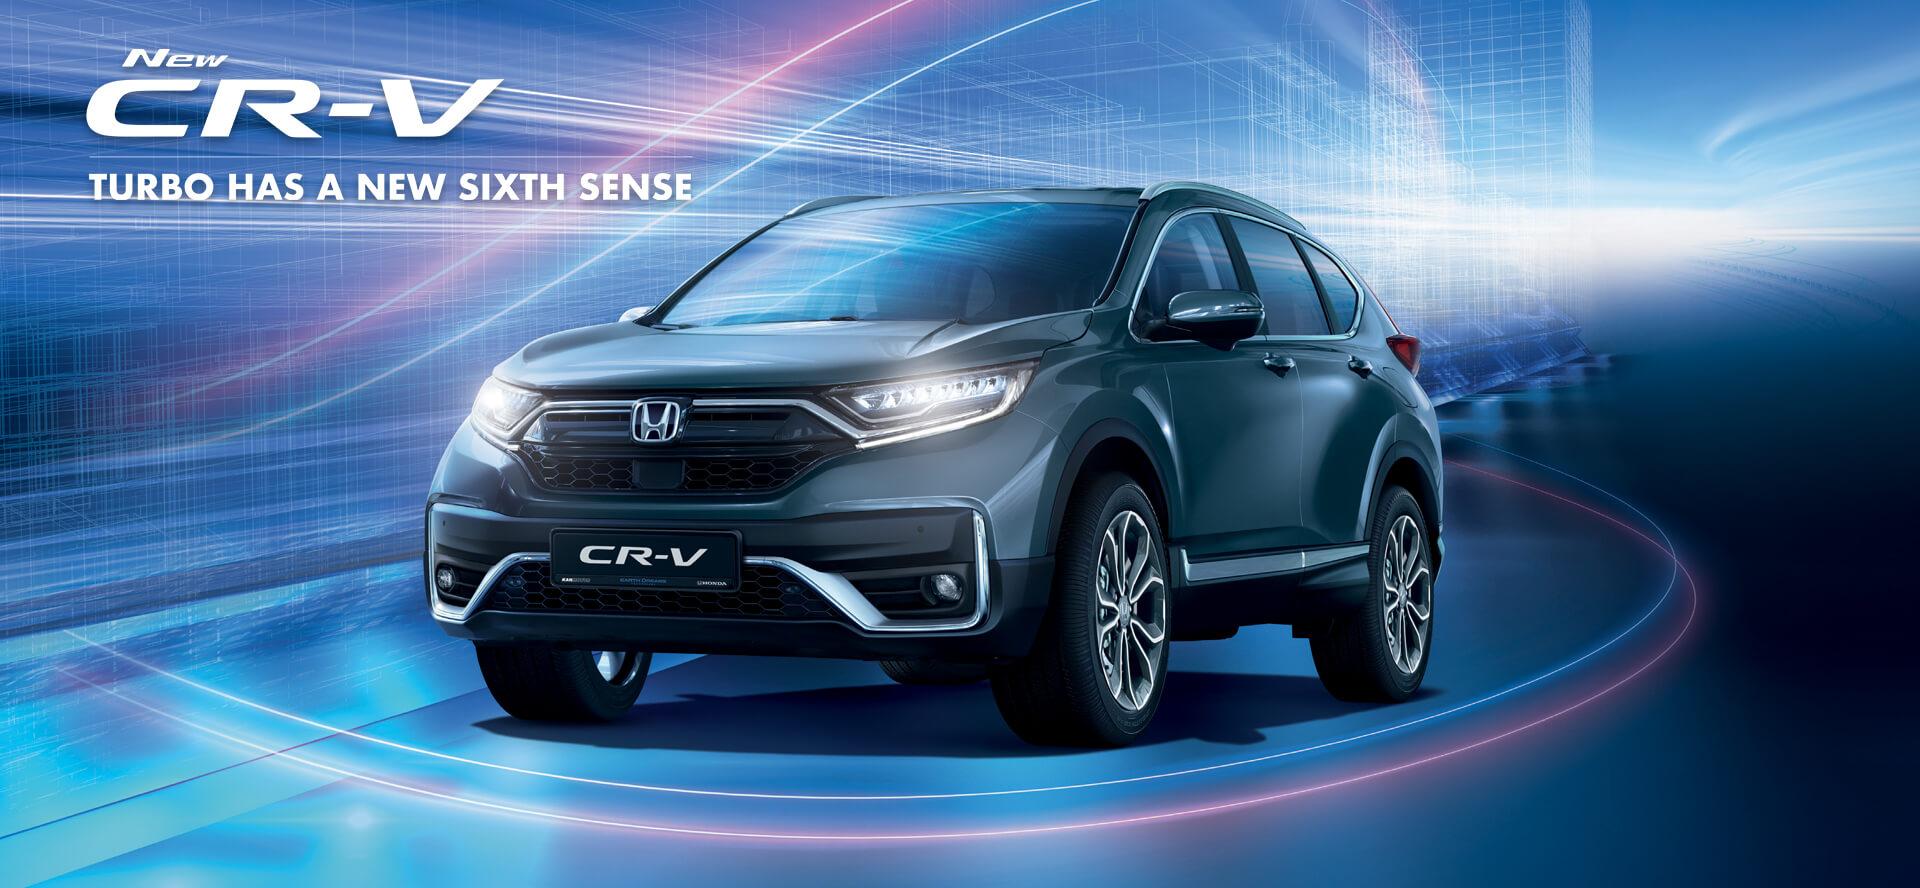 2021_CR-V_Main_Banner_-_1920x888px_v2 Honda 2021 New CR-V